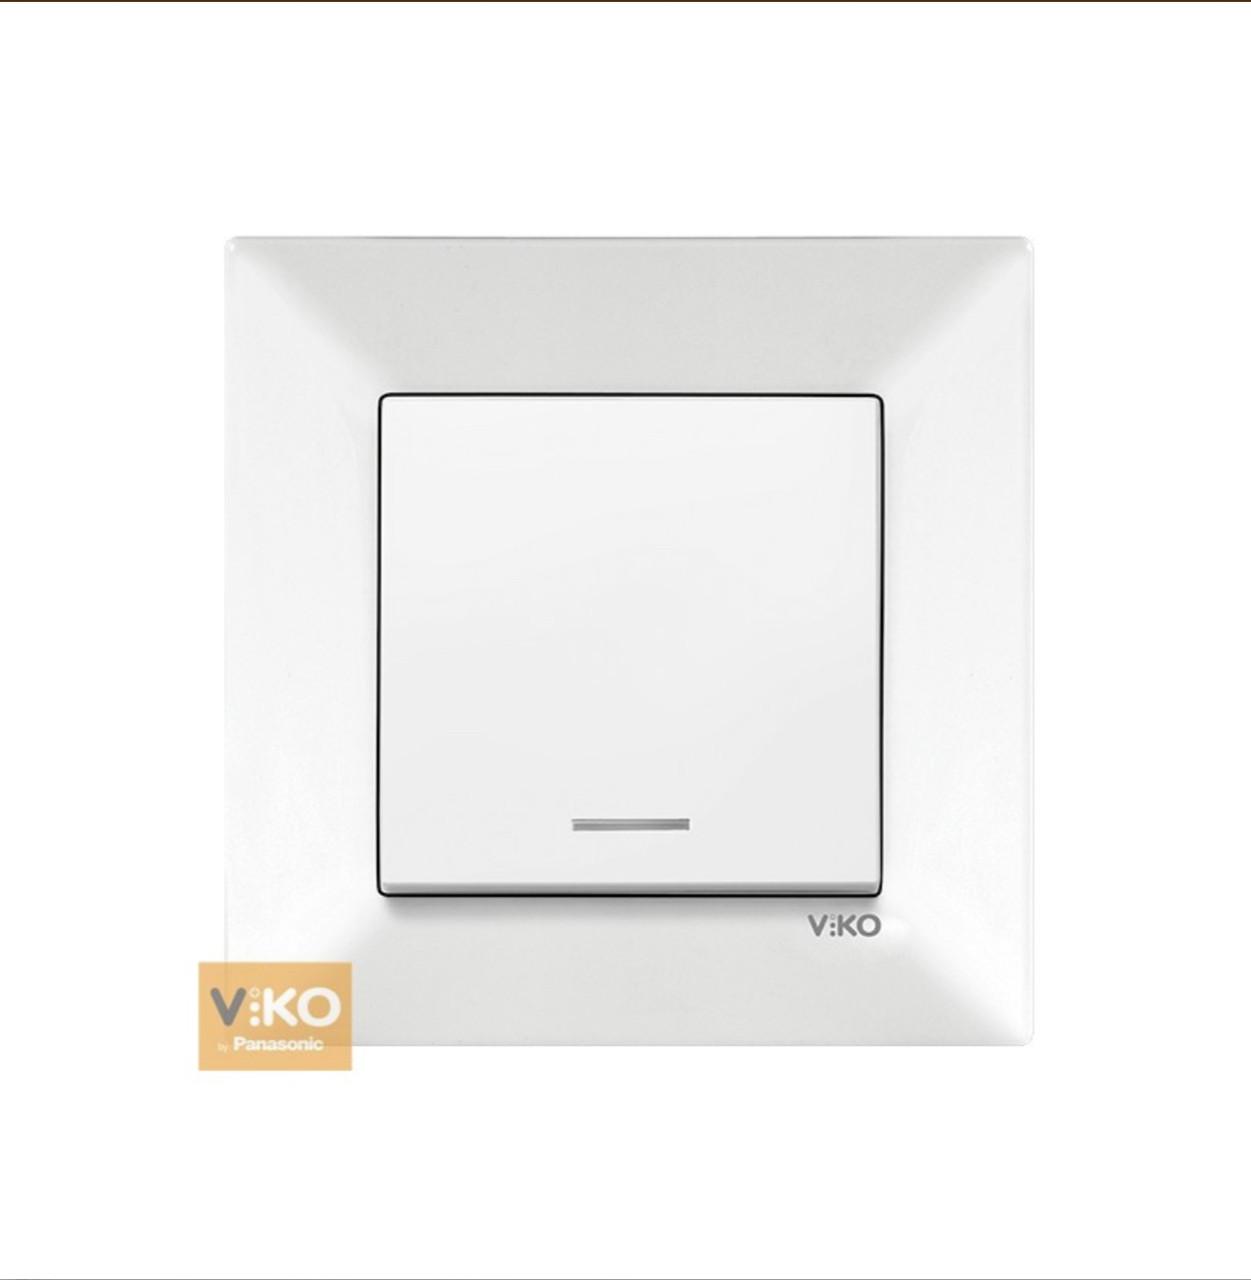 Вимикач одноклавішний з підсвічуванням VIKO Meridian - Білий